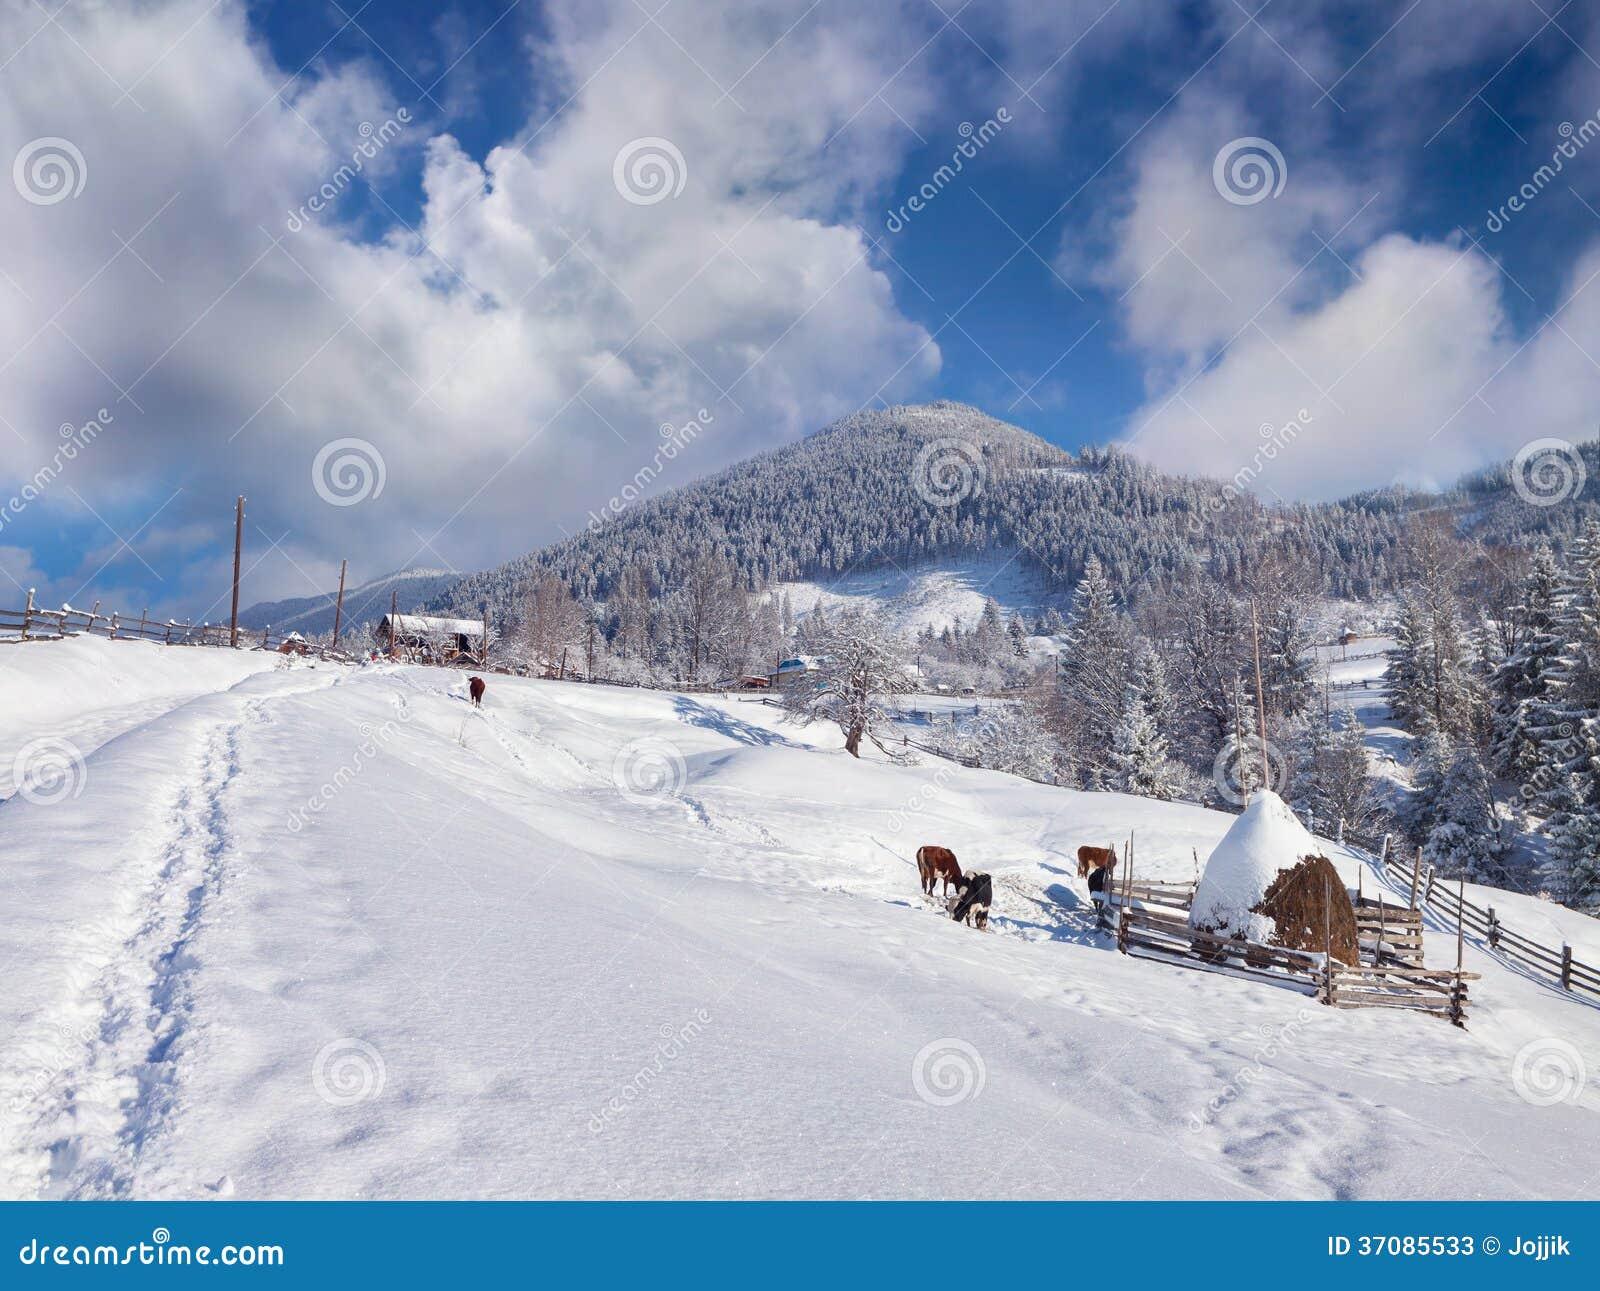 Download Pogodny Zima Krajobraz W Górskiej Wiosce Obraz Stock - Obraz złożonej z majestatyczny, świeży: 37085533